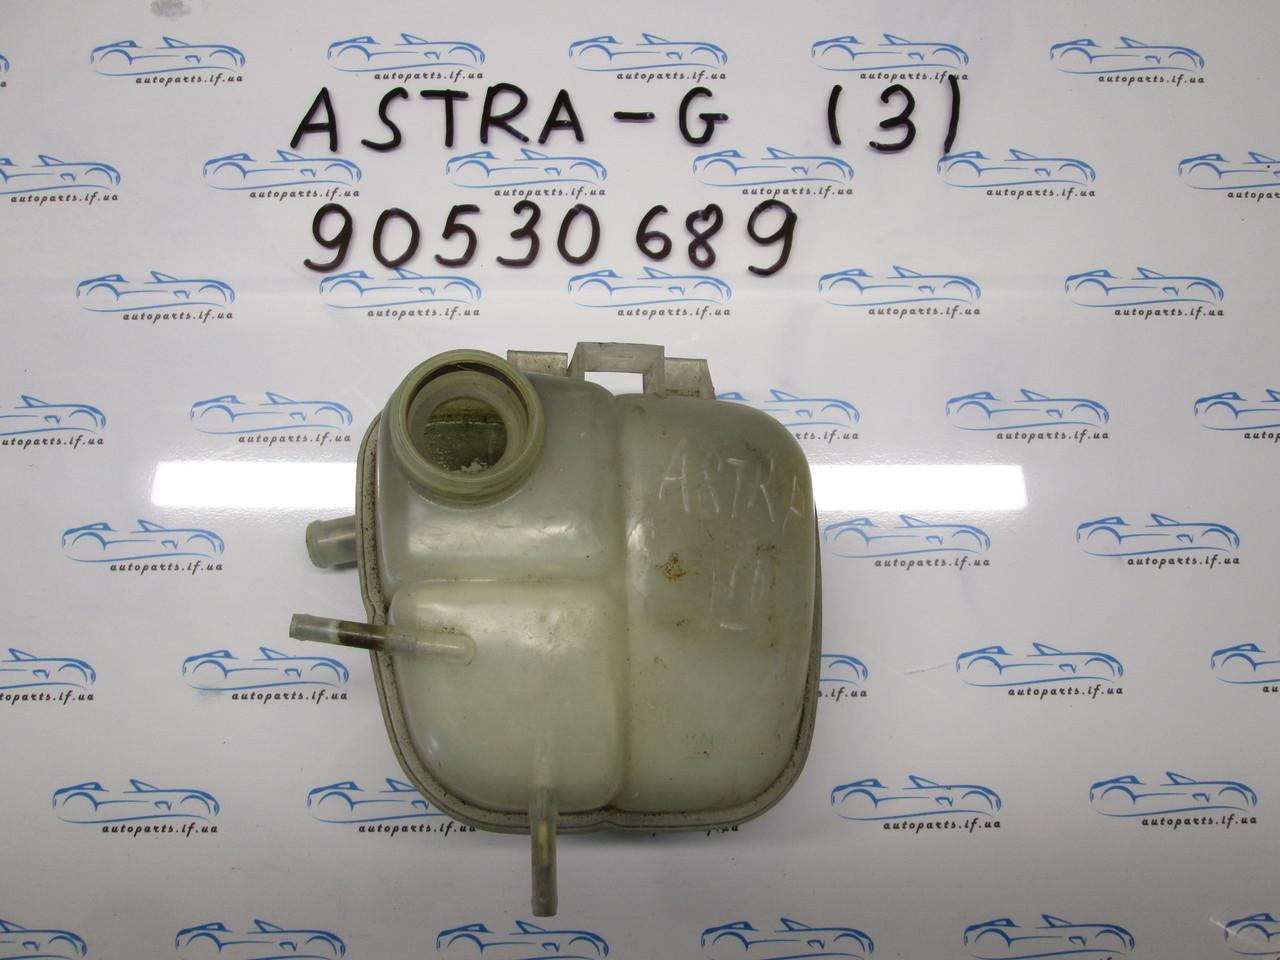 Расширительный бачок Astra G, Астра 90530689 №3